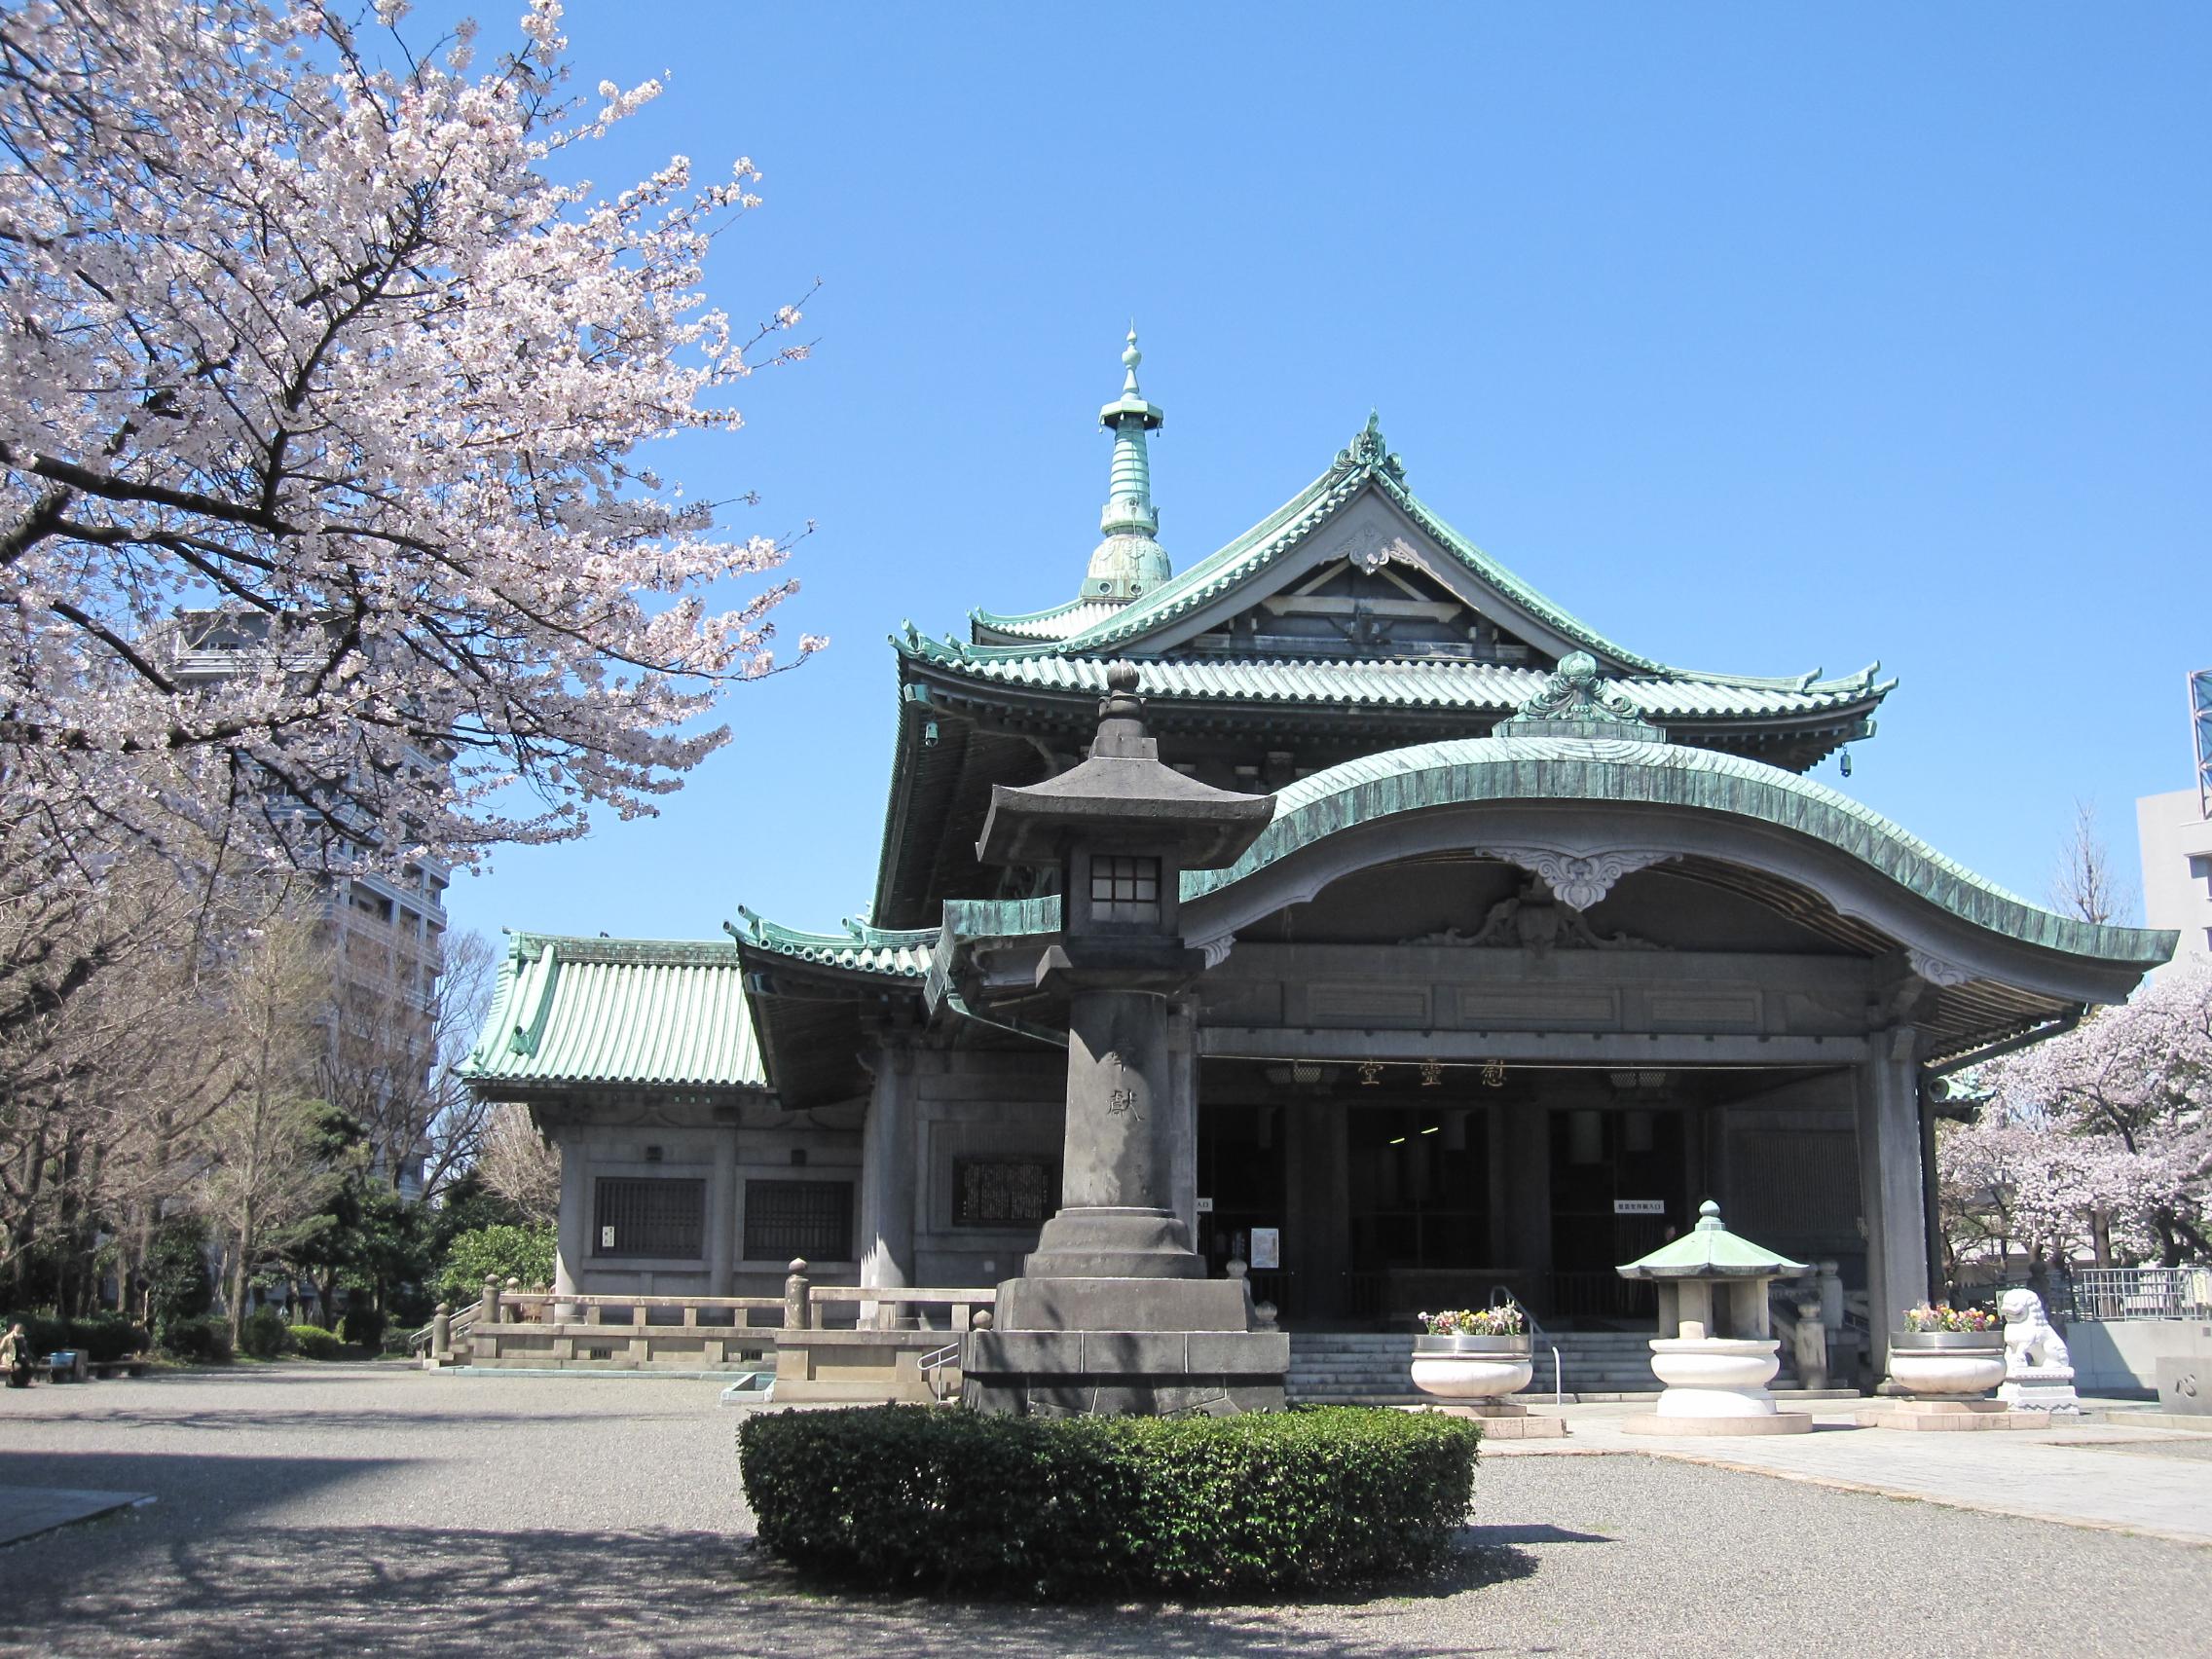 今日は何の日 3月10日は「東京都平和の日」